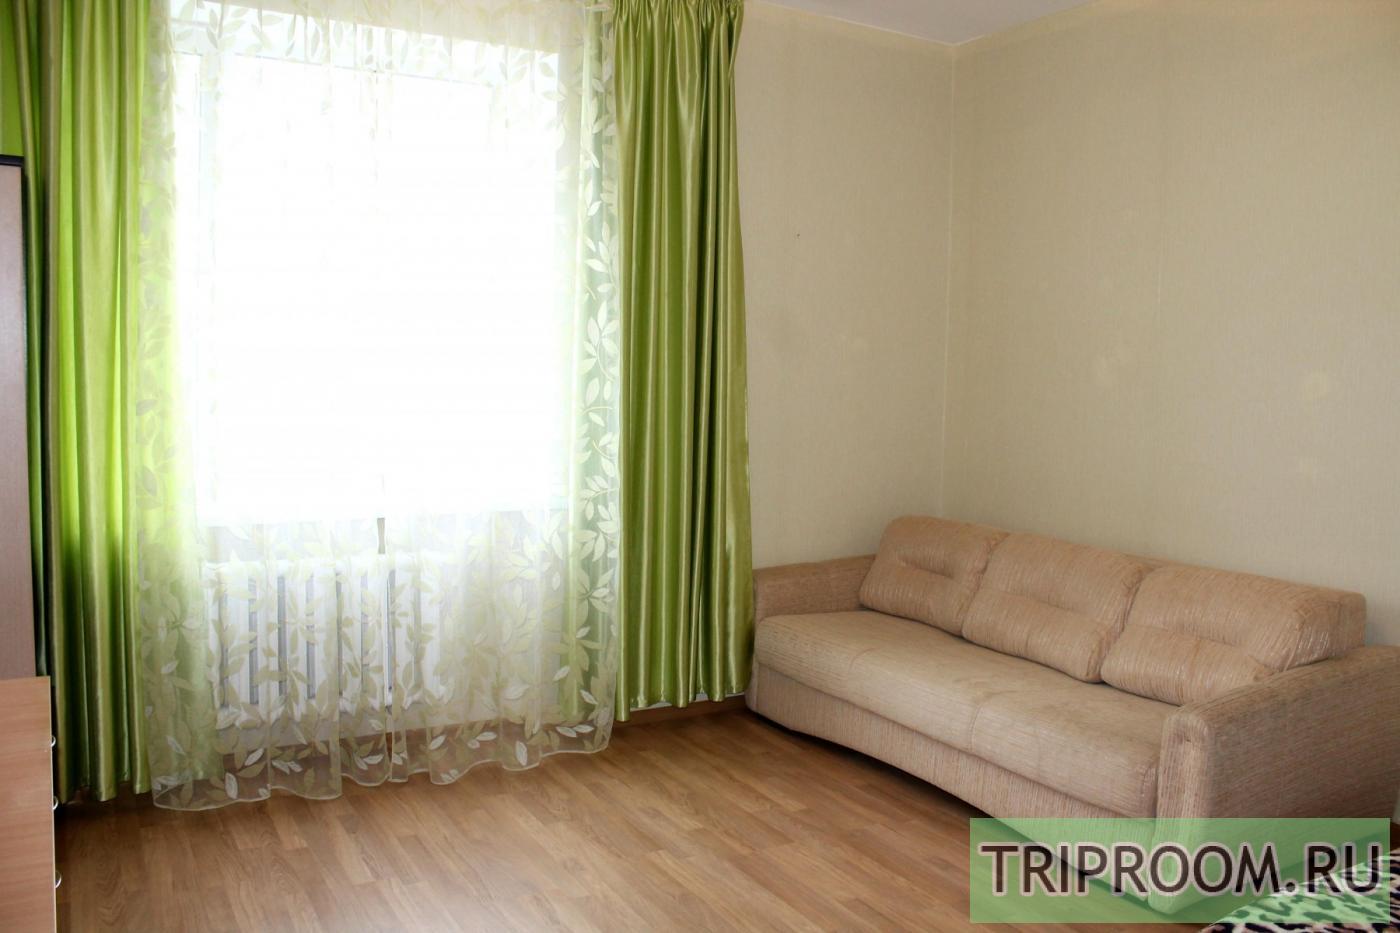 3-комнатная квартира посуточно (вариант № 20393), ул. Ленина проспект, фото № 6